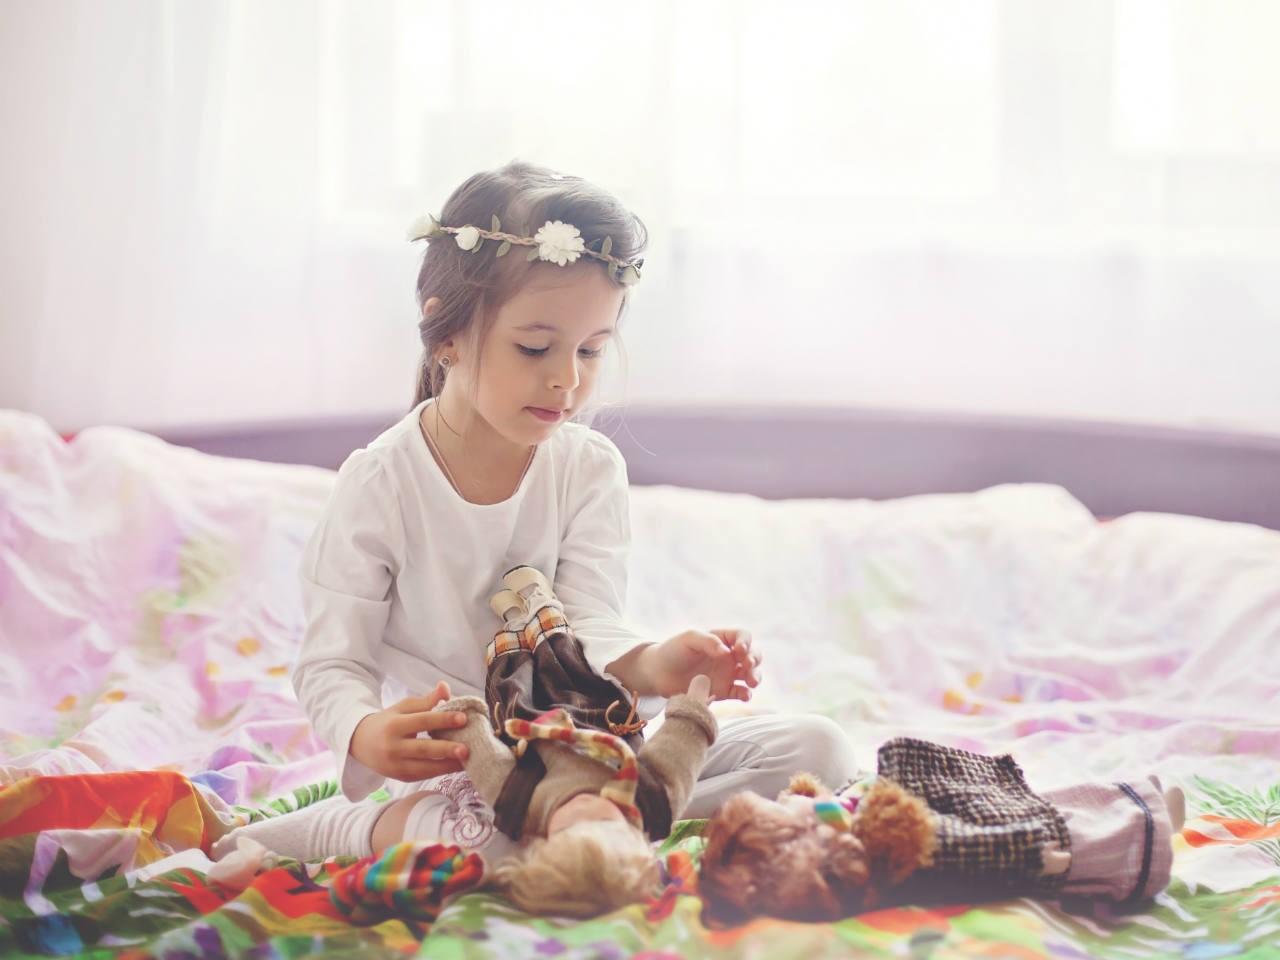 راهنمای انتخاب بهترین اسباب بازی های دخترانه برای سنین مختلف